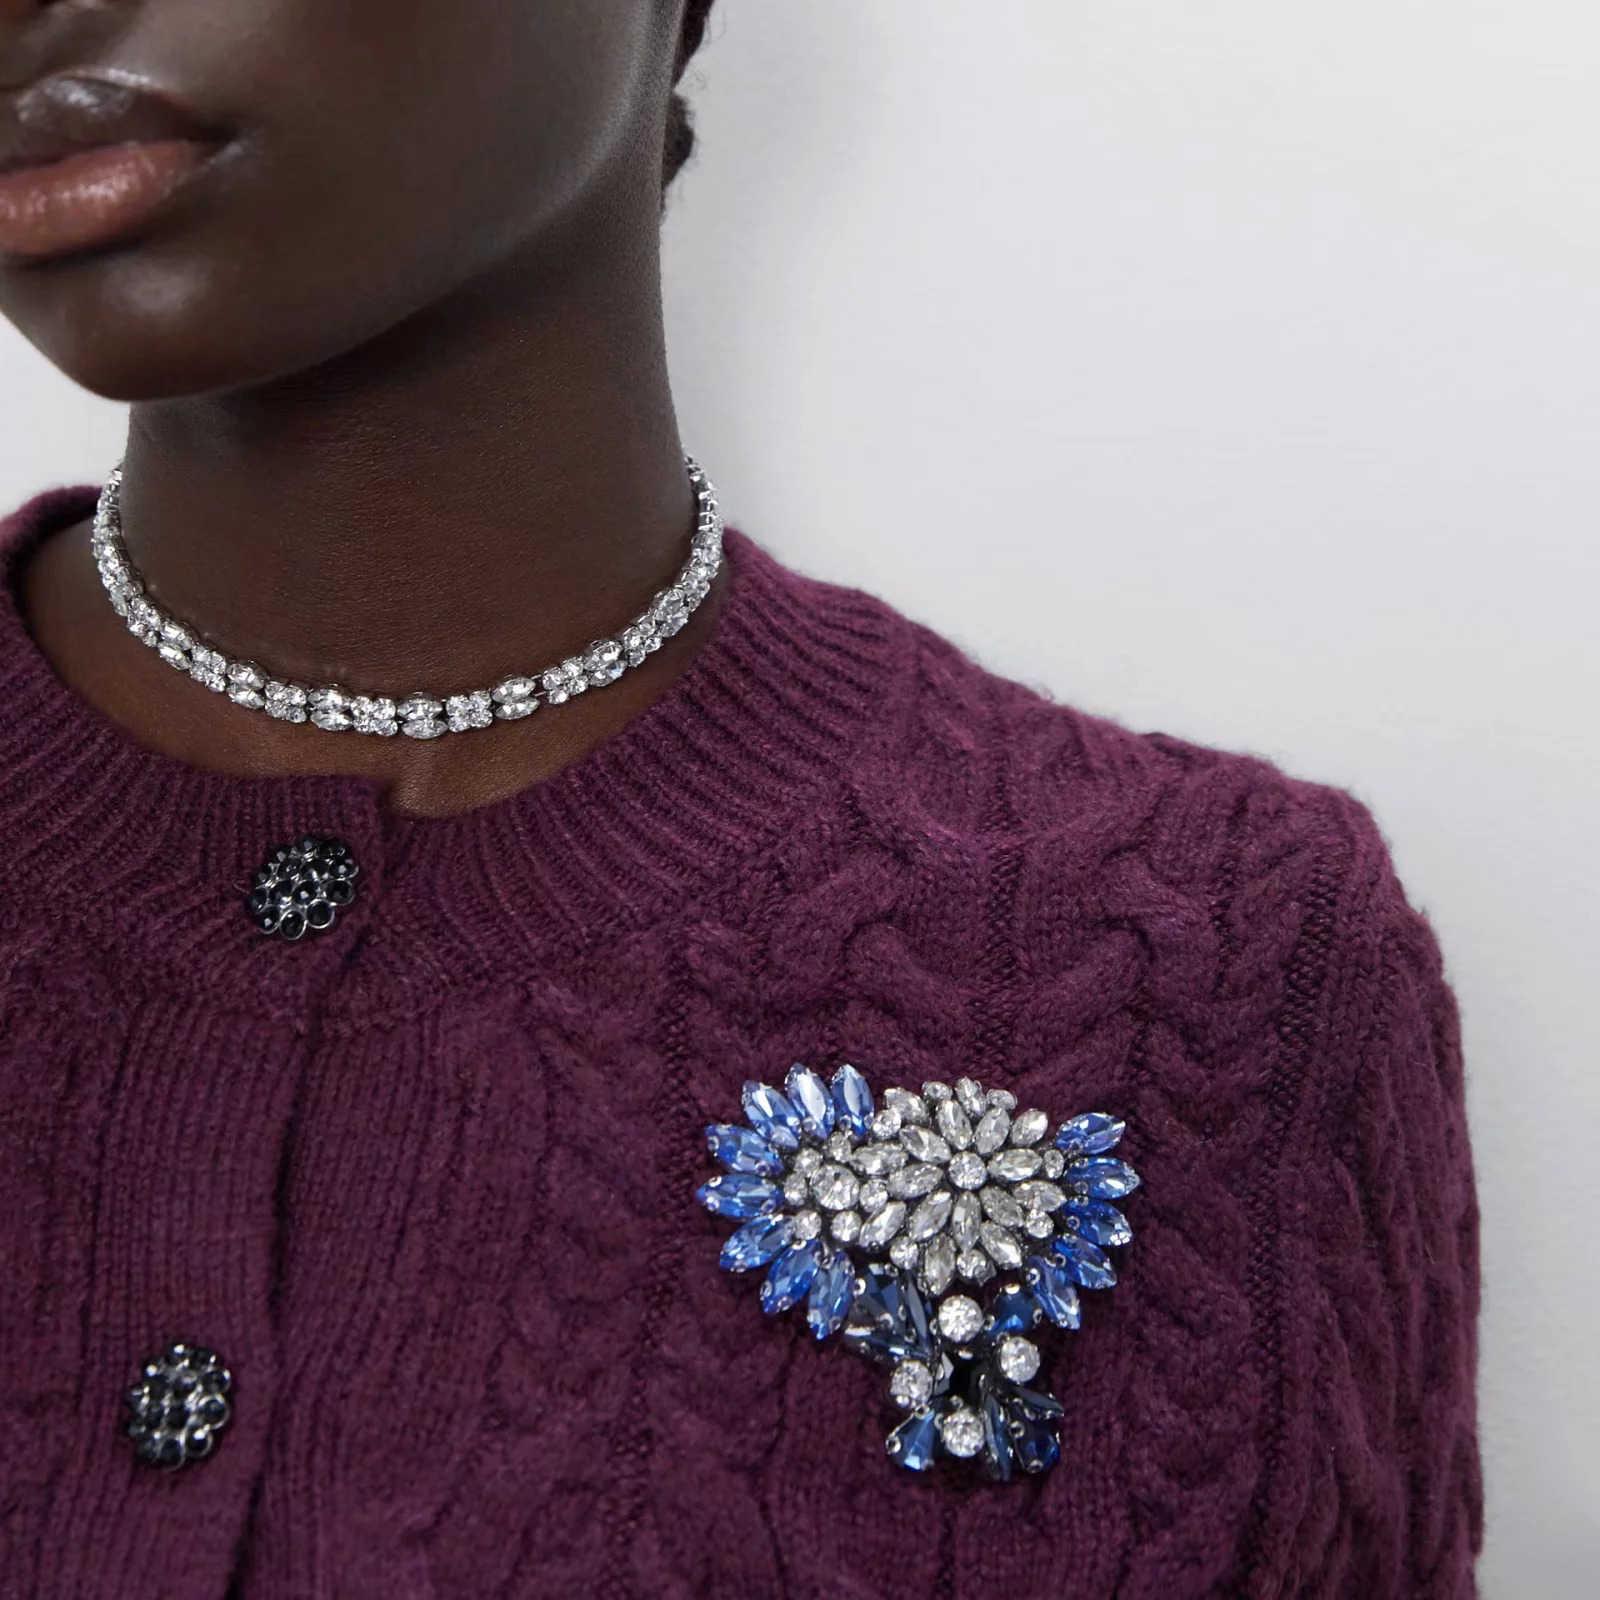 Papan Musim Gugur Musim Dingin Wanita Cardigan Perhiasan Dekoratif Rajutan Sweater Wanita Lengan Panjang Kasual Sweter Rajut Atasan Wanita